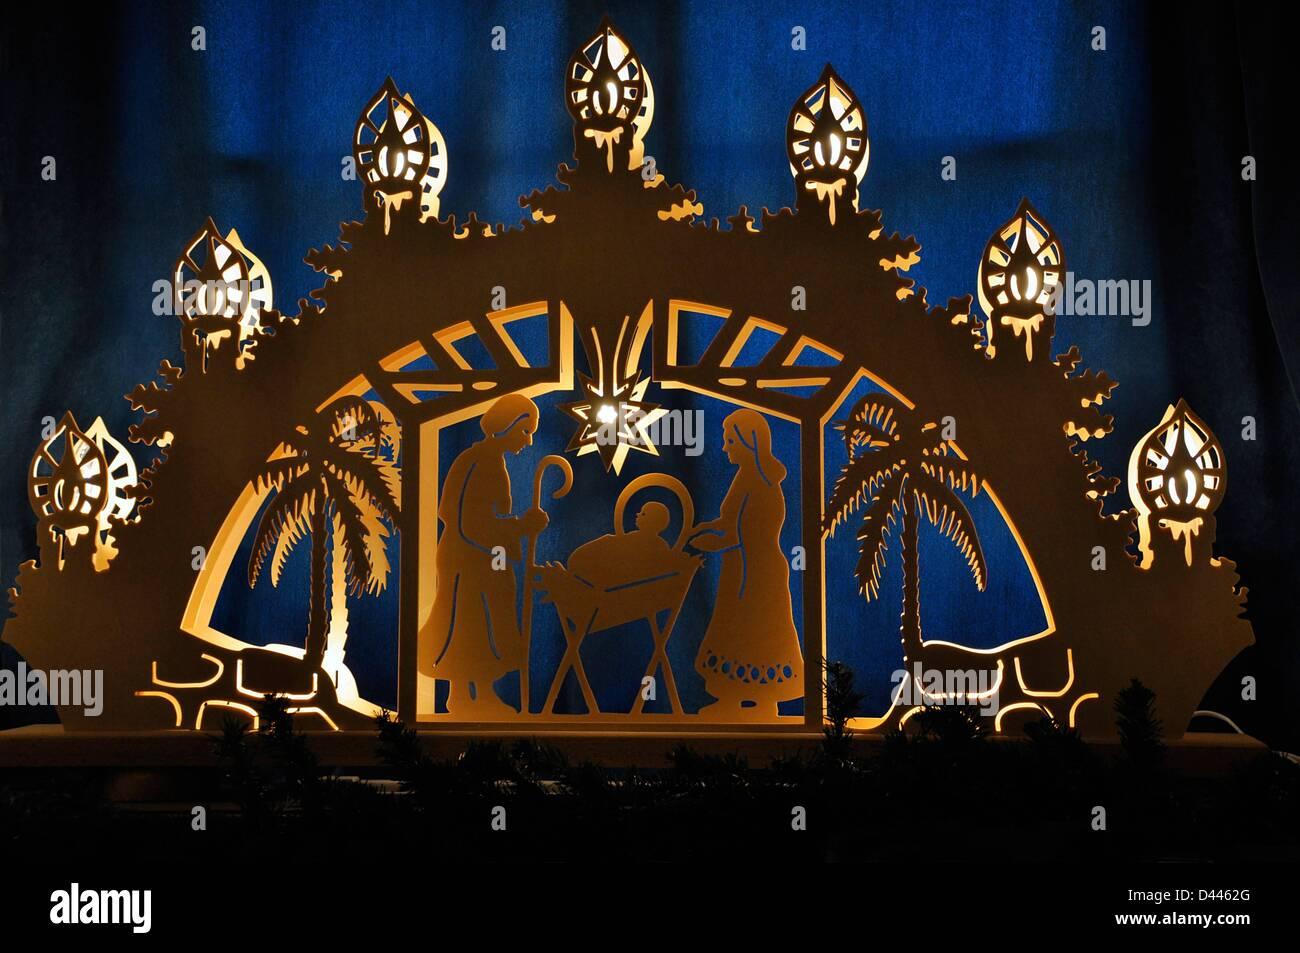 Weihnachtsdeko Schwibbogen.View Of A Schwibbogen In The Christmas House In Görlitz Germany